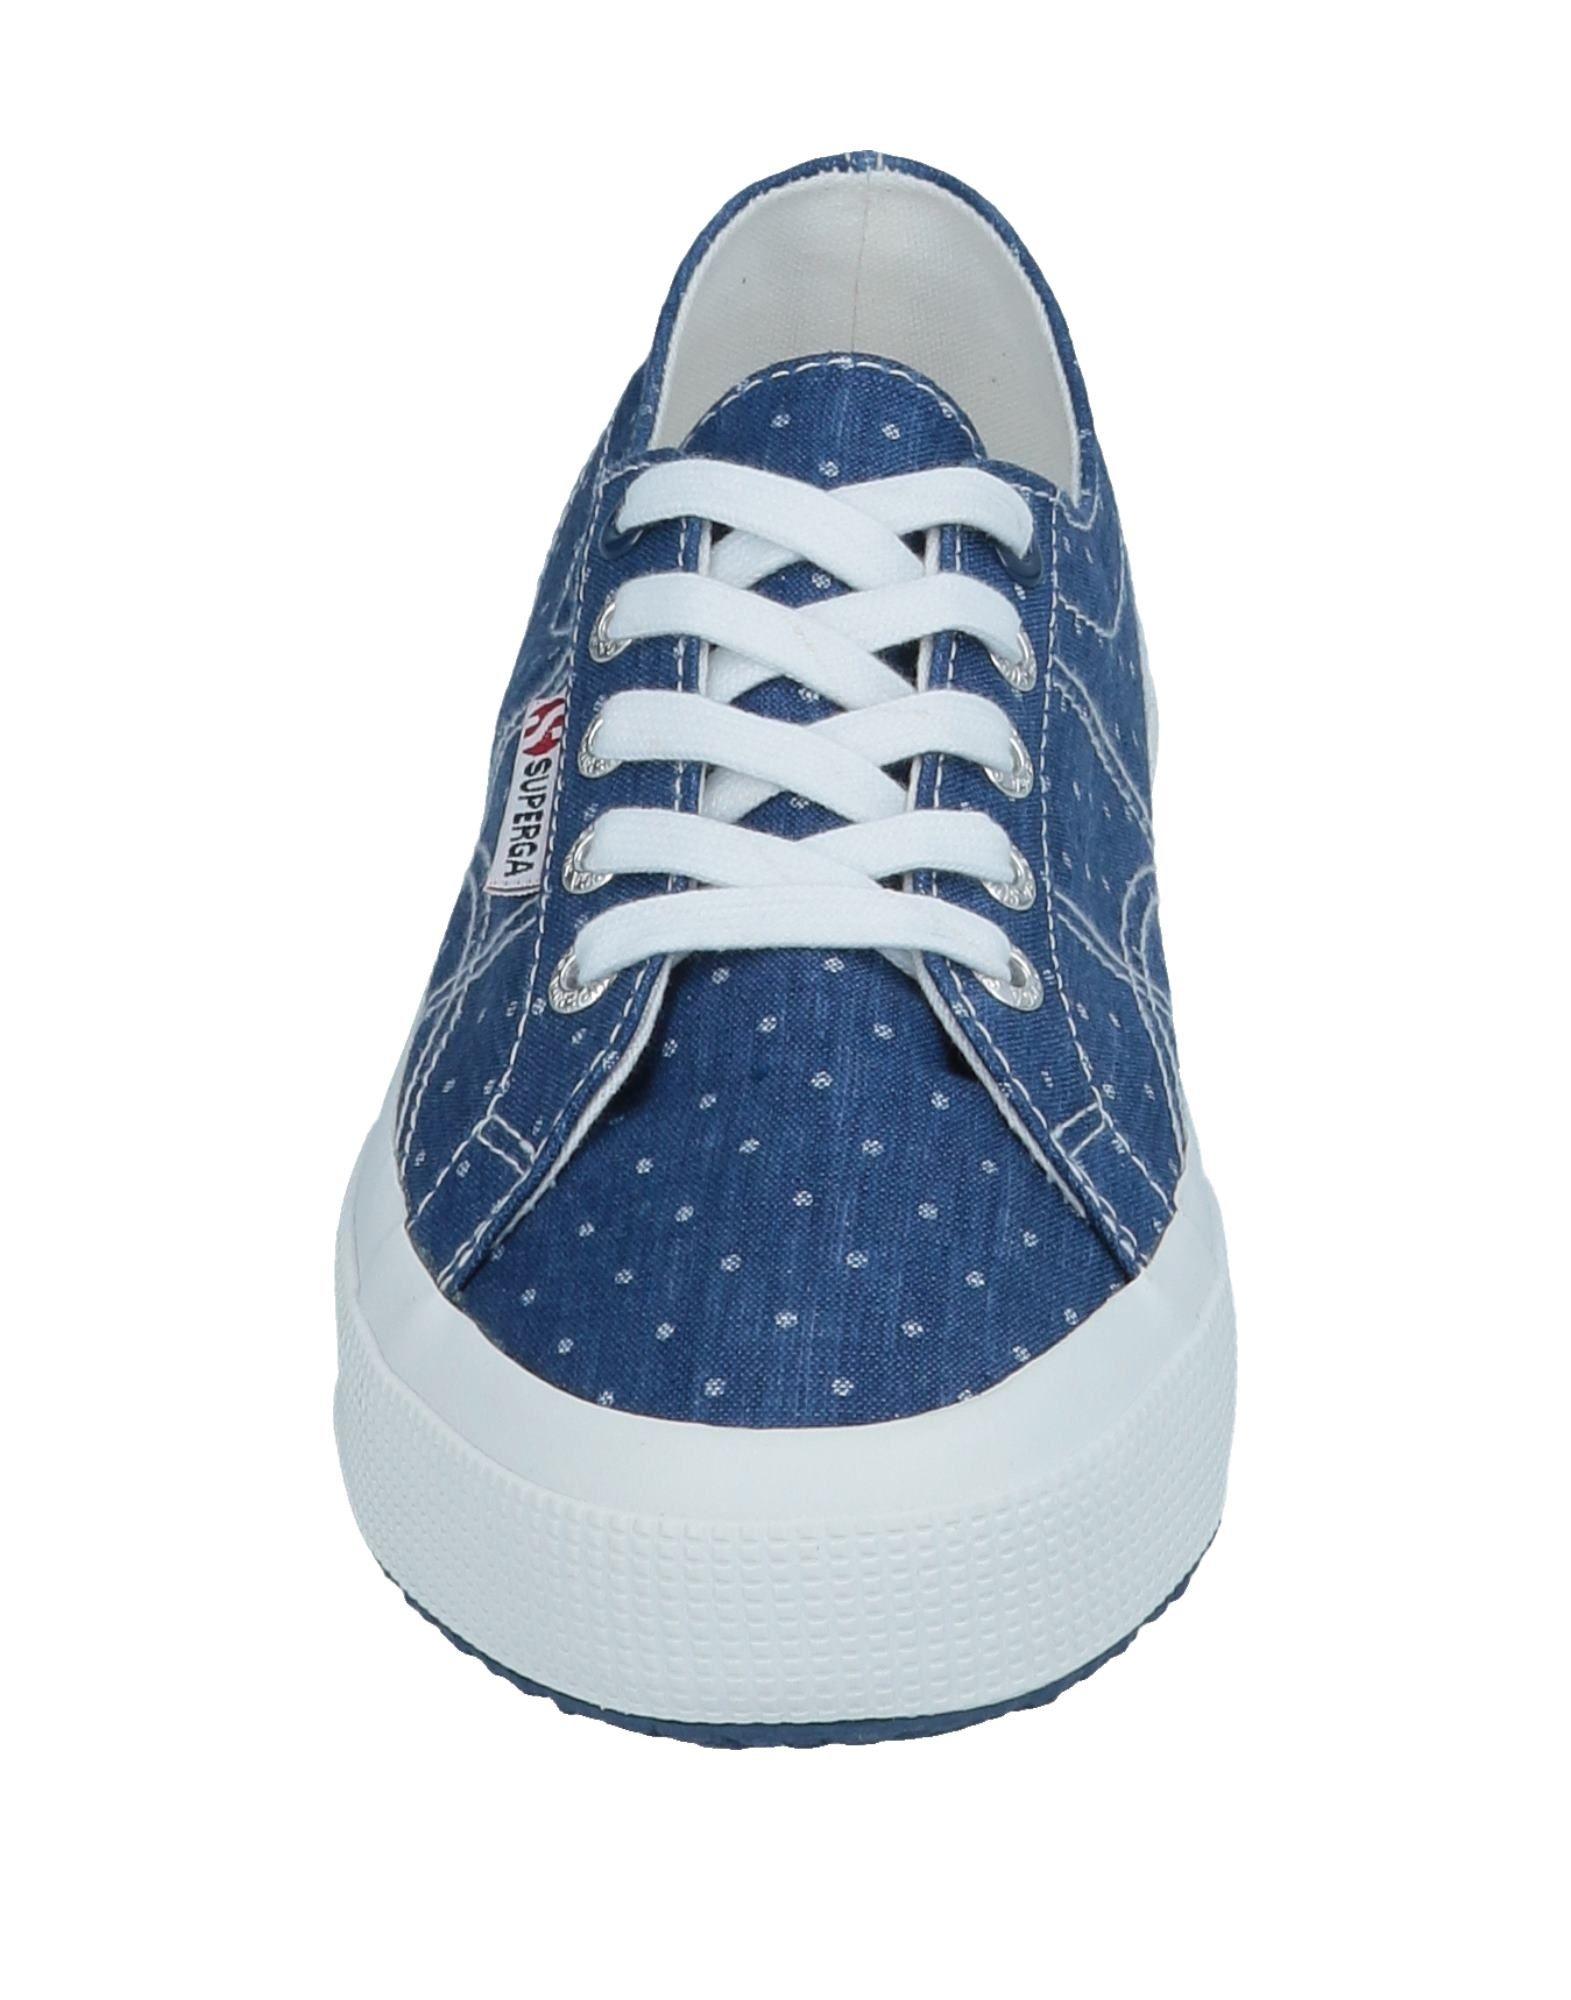 Superga® Sneakers es Damen Gutes Preis-Leistungs-Verhältnis, es Sneakers lohnt sich ba68f6